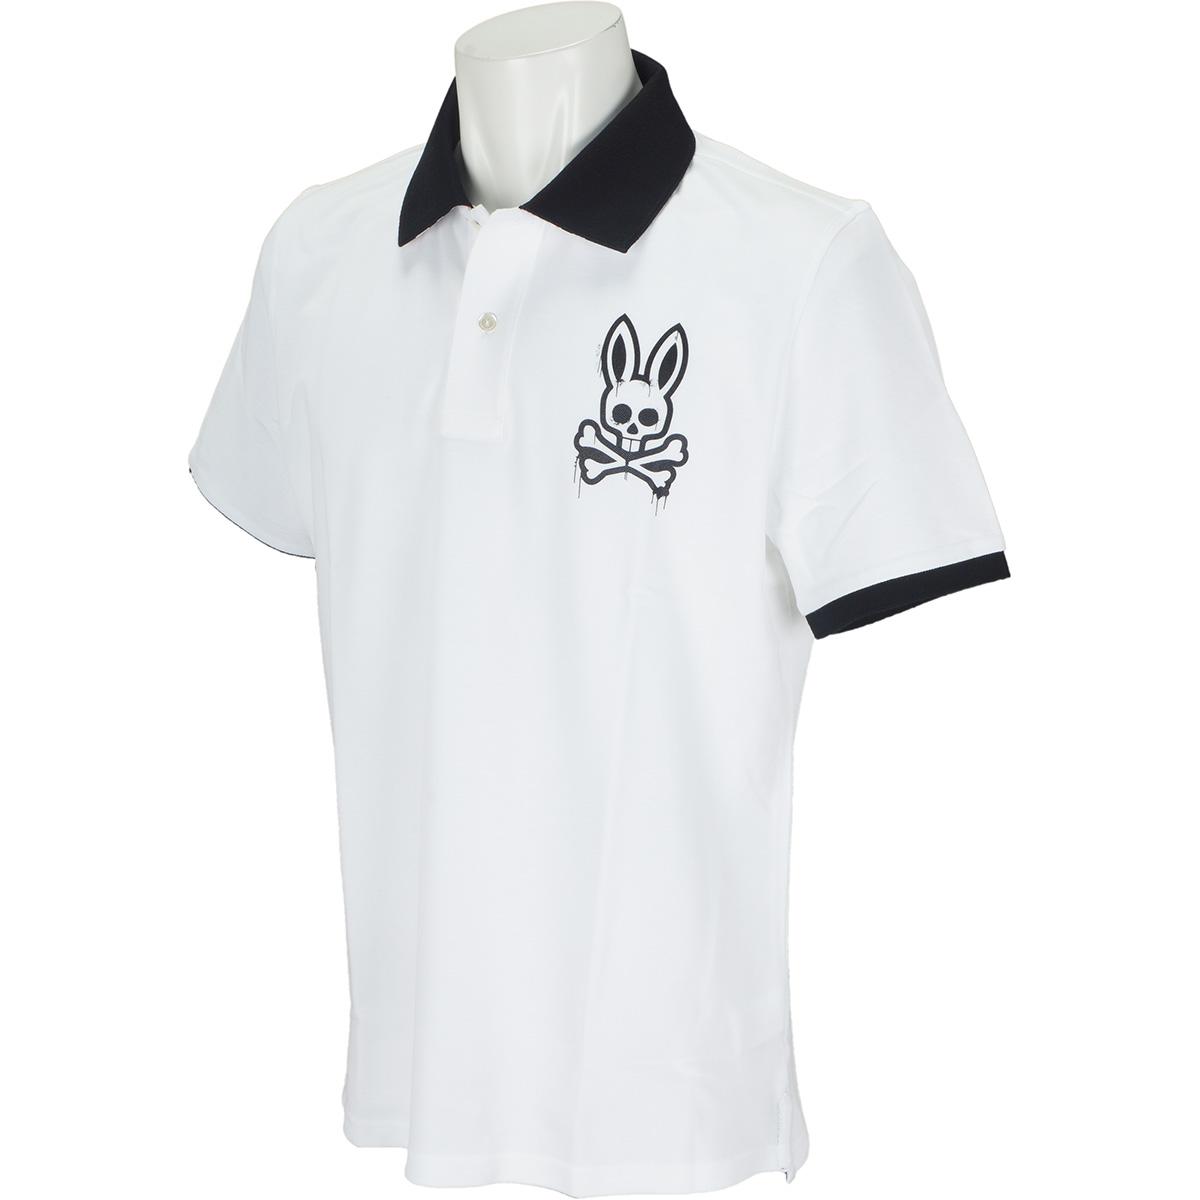 グラフィティ 半袖ポロシャツ